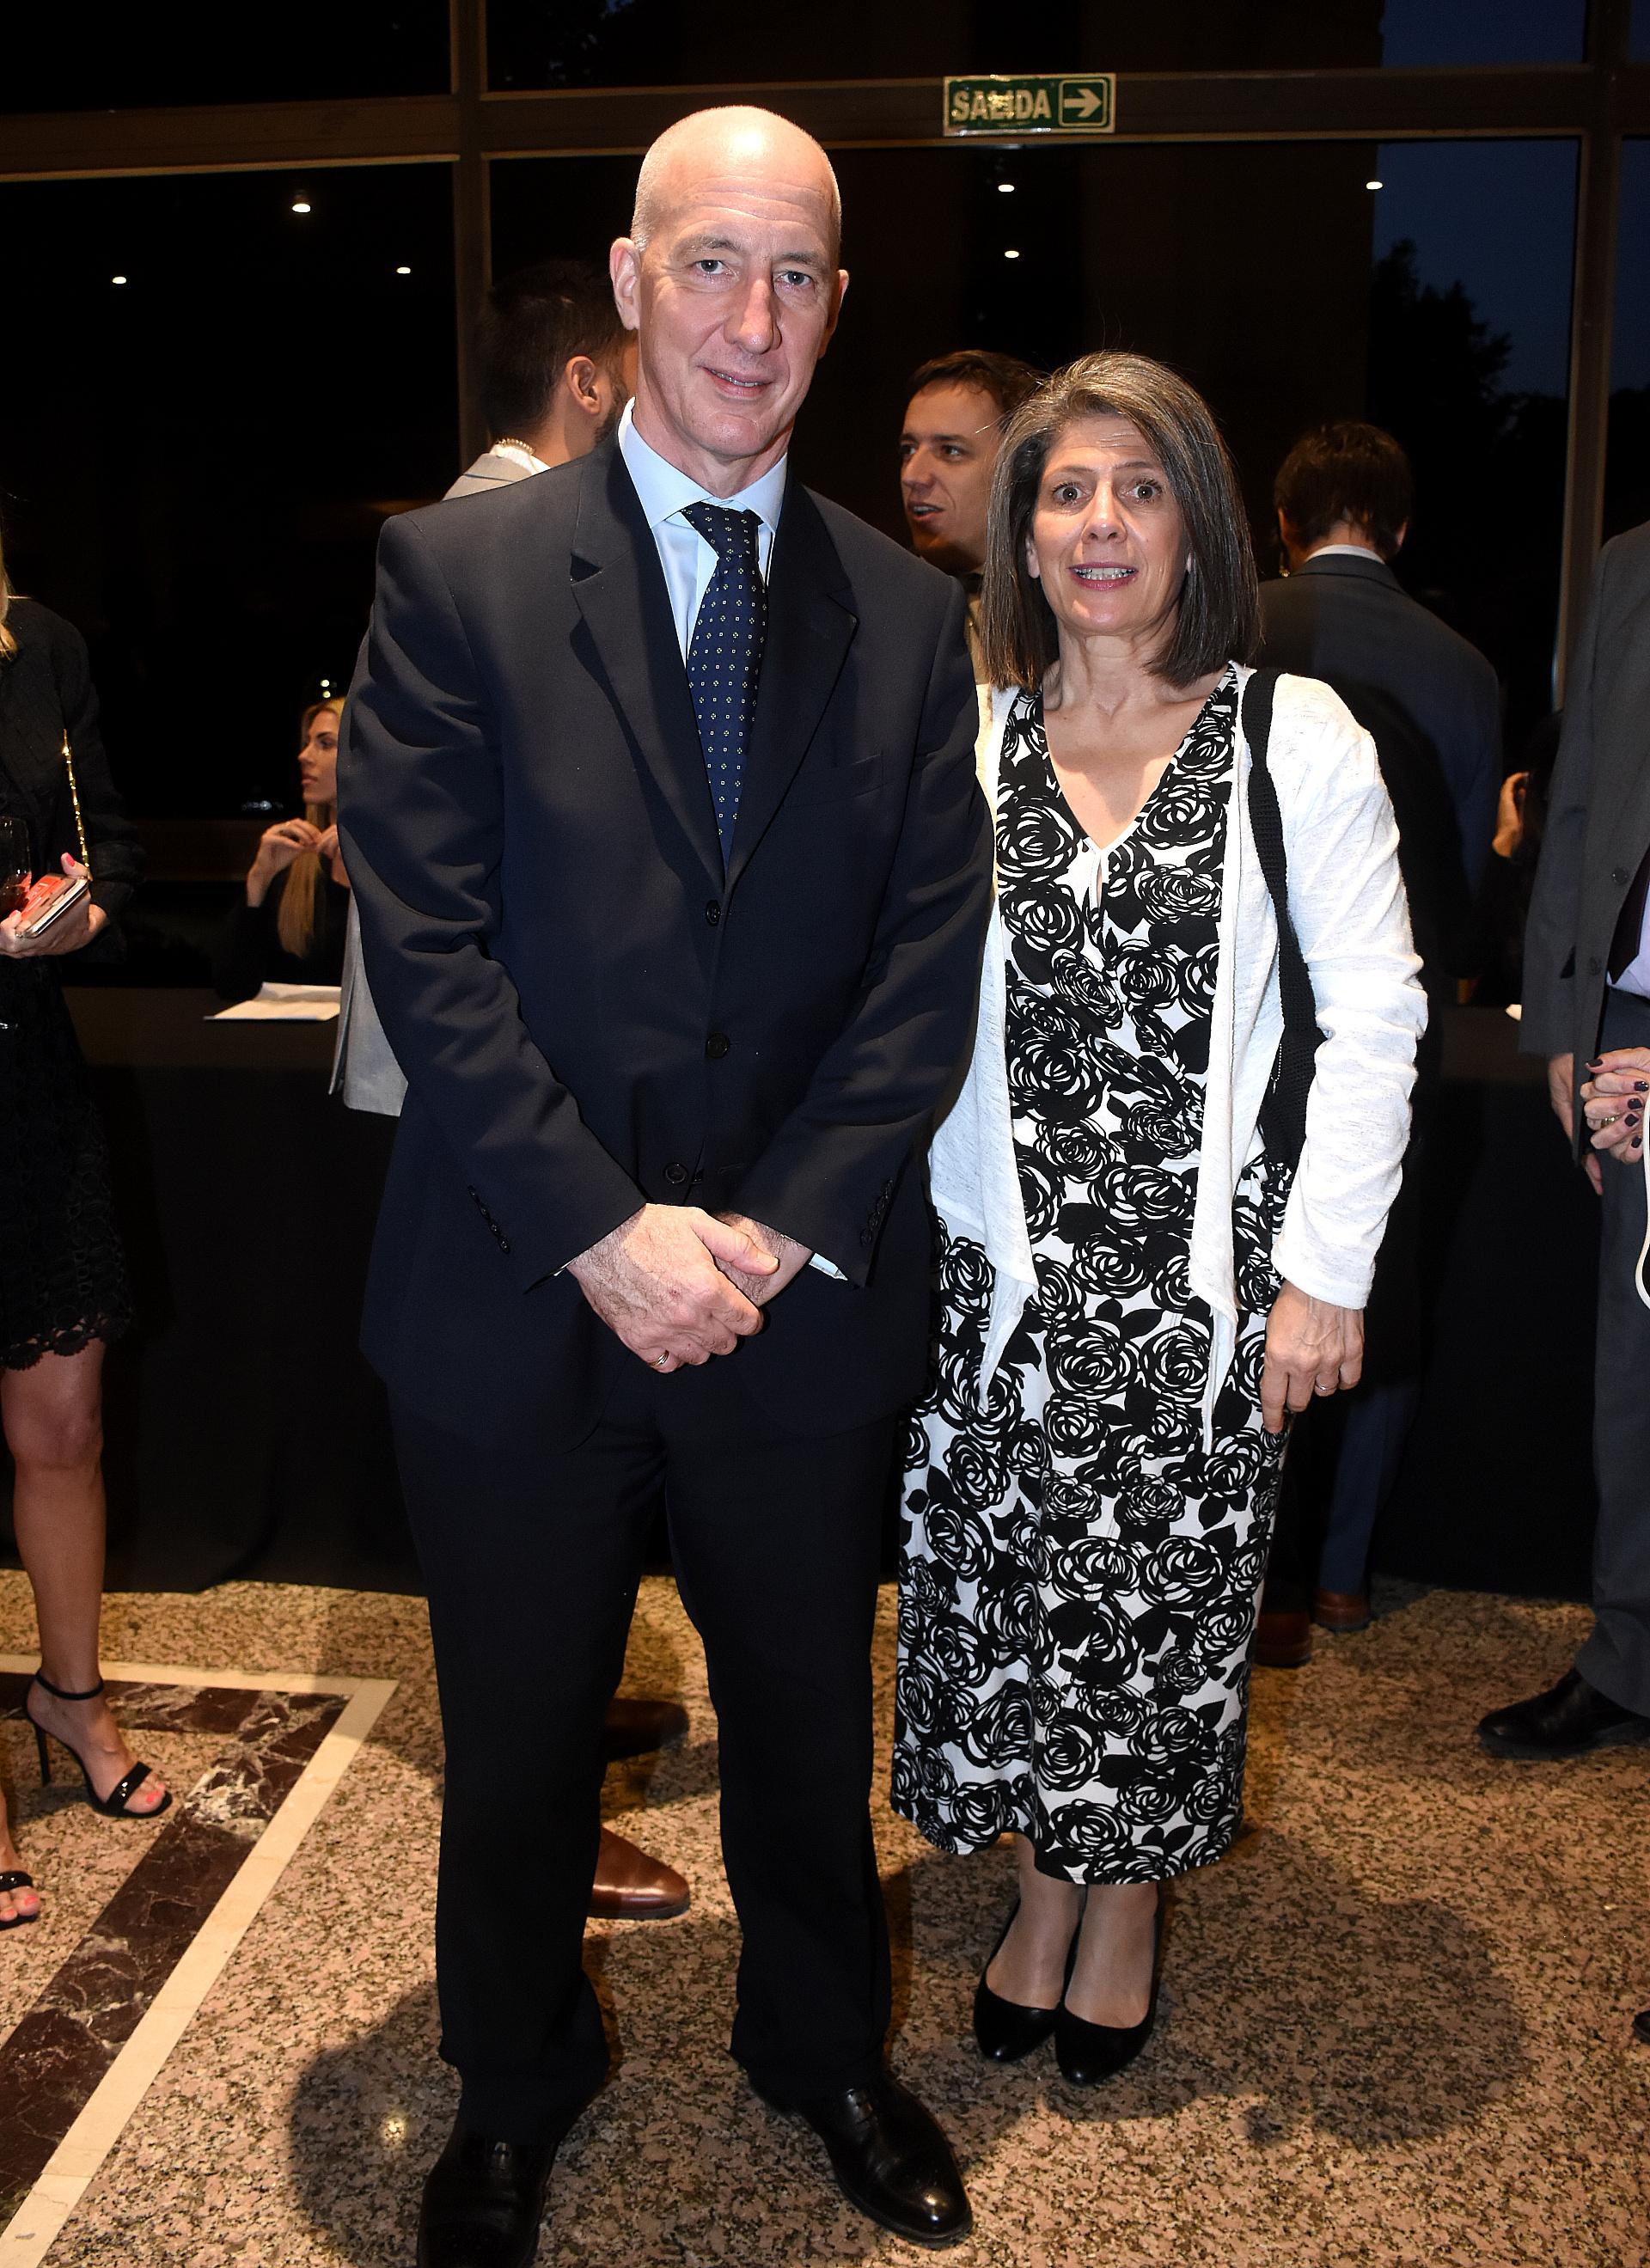 Mark Kent, embajador del Reino Unido en Argentina, junto a su mujer, Martine Delogne